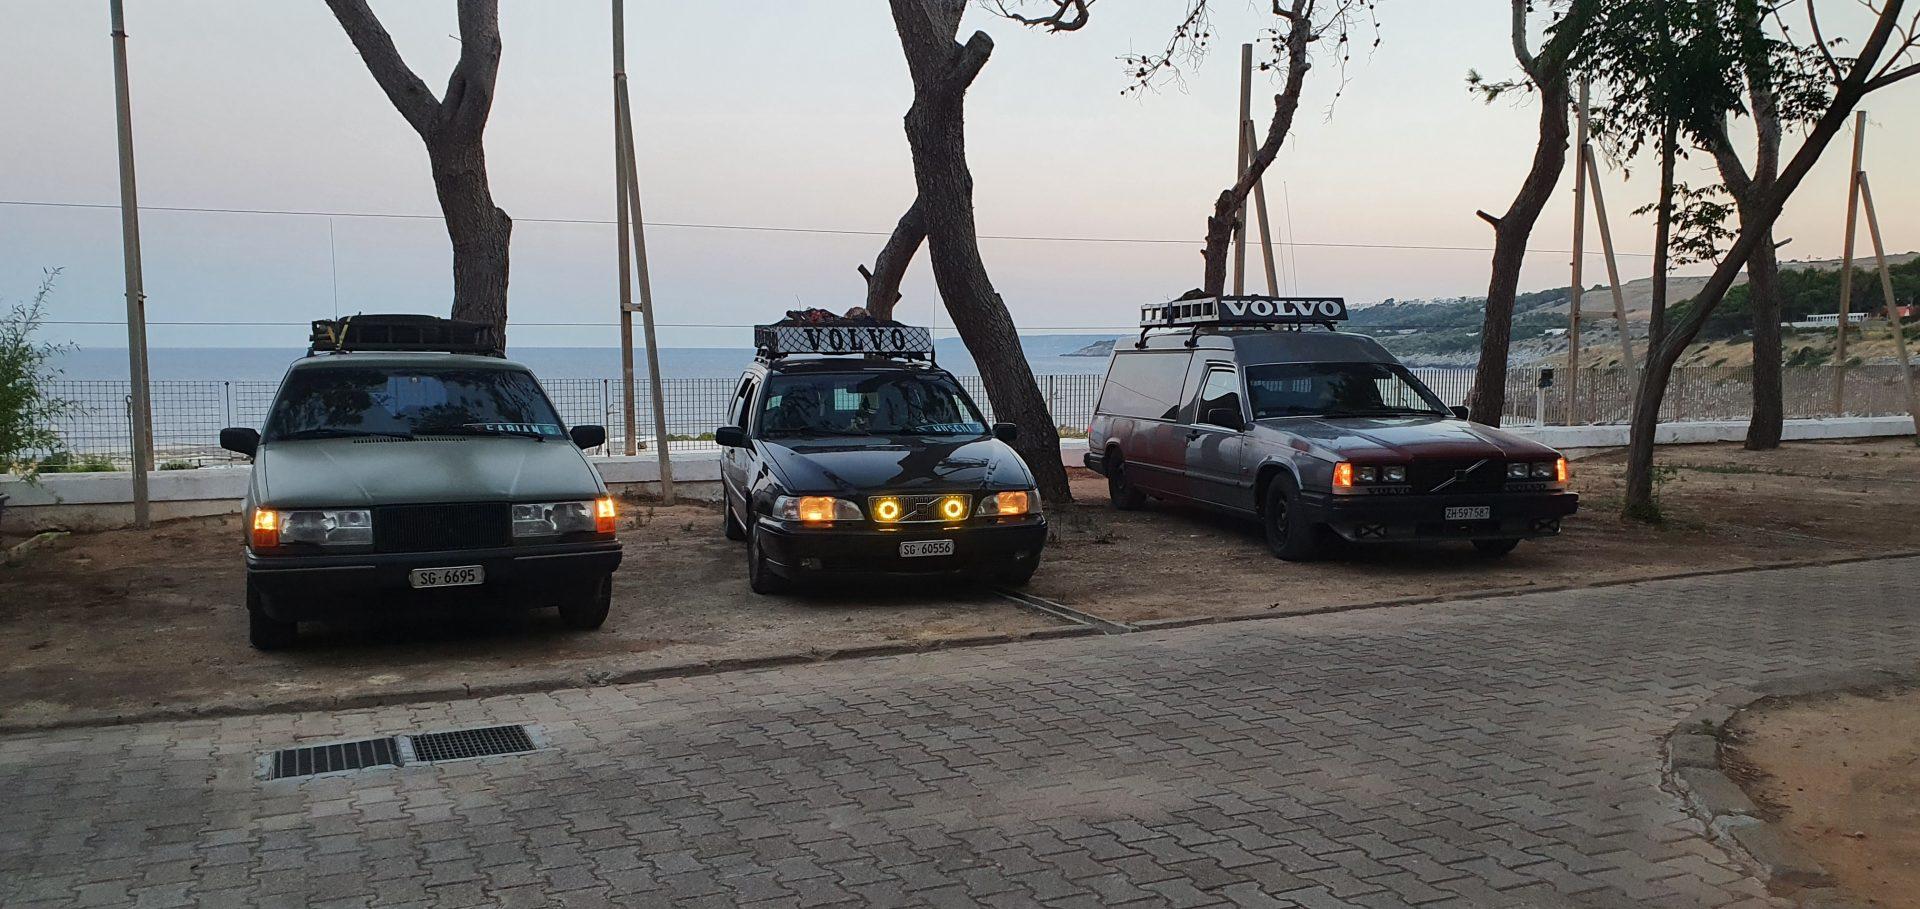 Volvo_Camping_Castro_Lecce